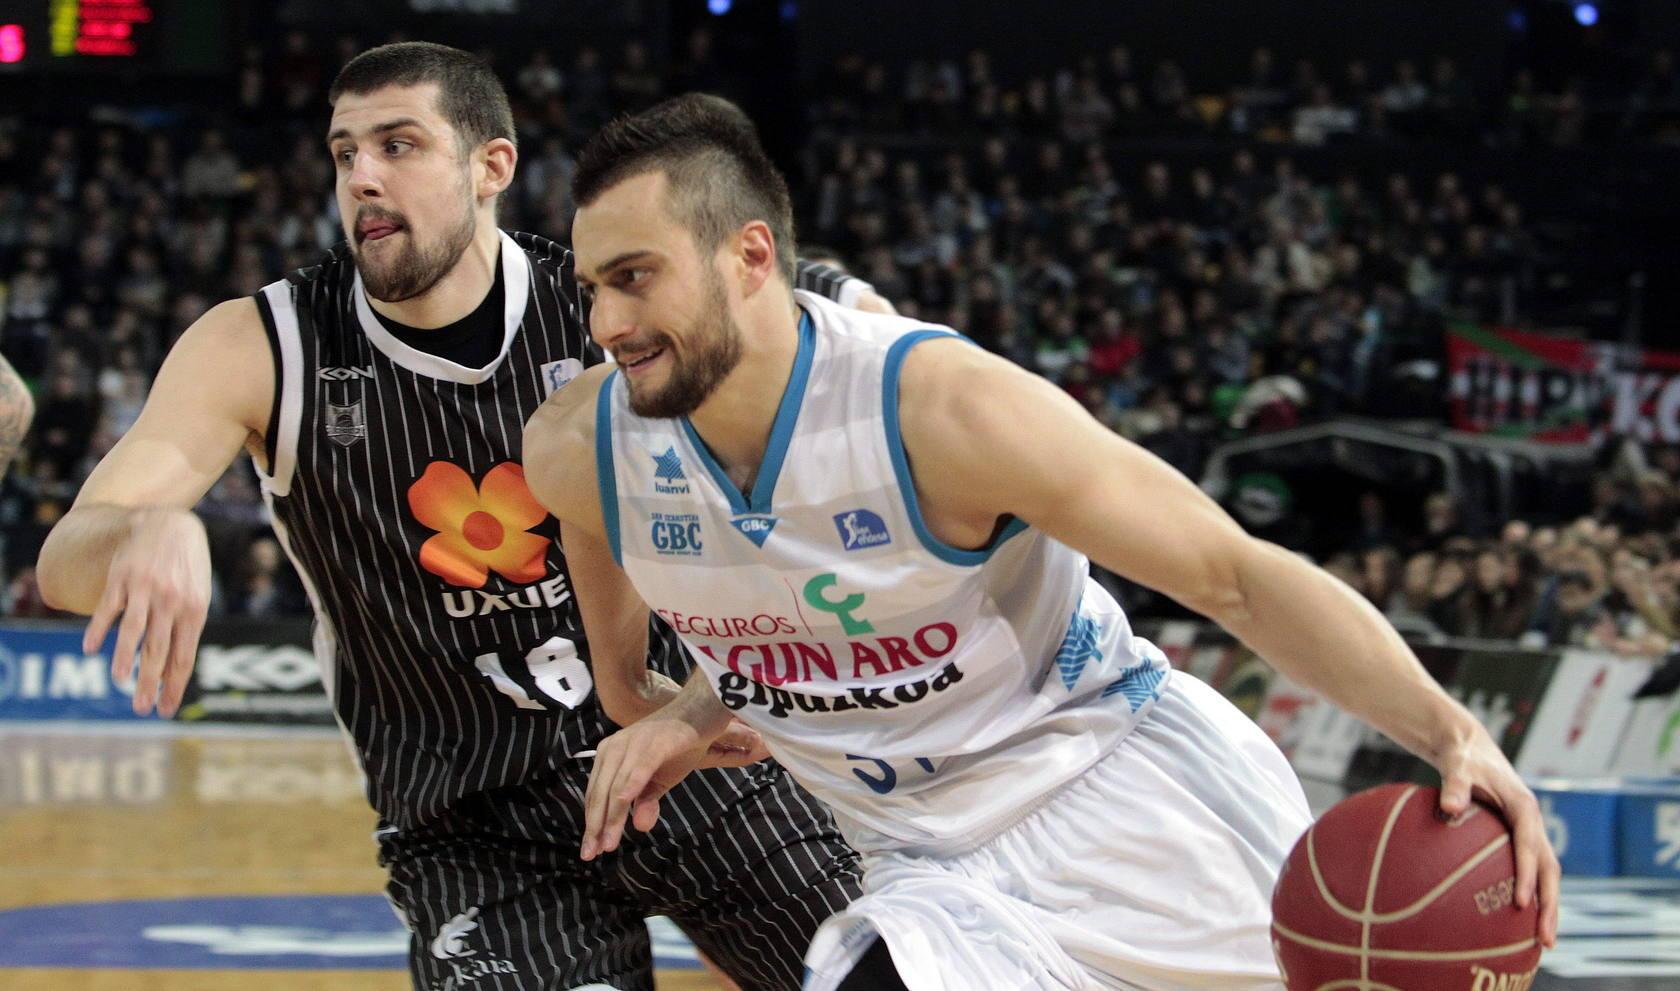 El GBC cae en Bilbao